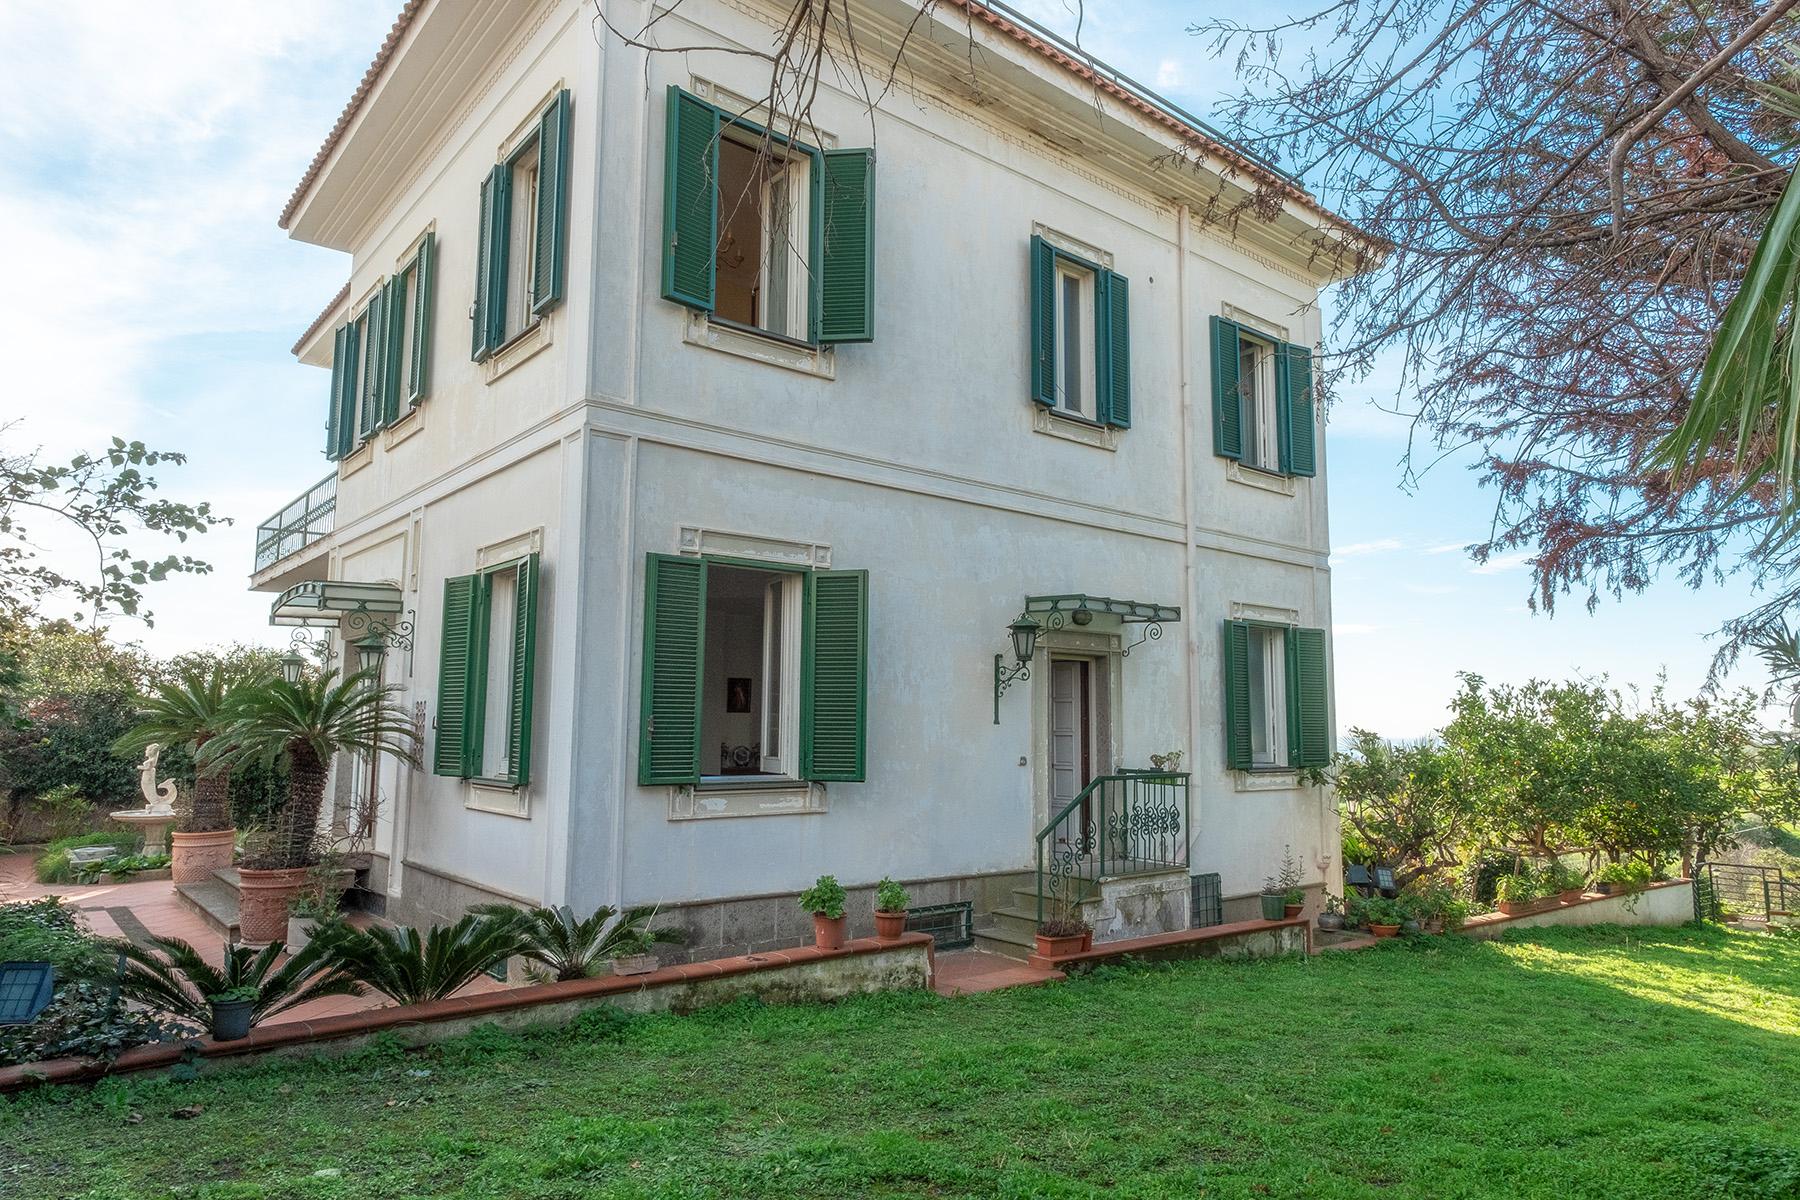 Villa in Vendita a Napoli: 5 locali, 350 mq - Foto 4